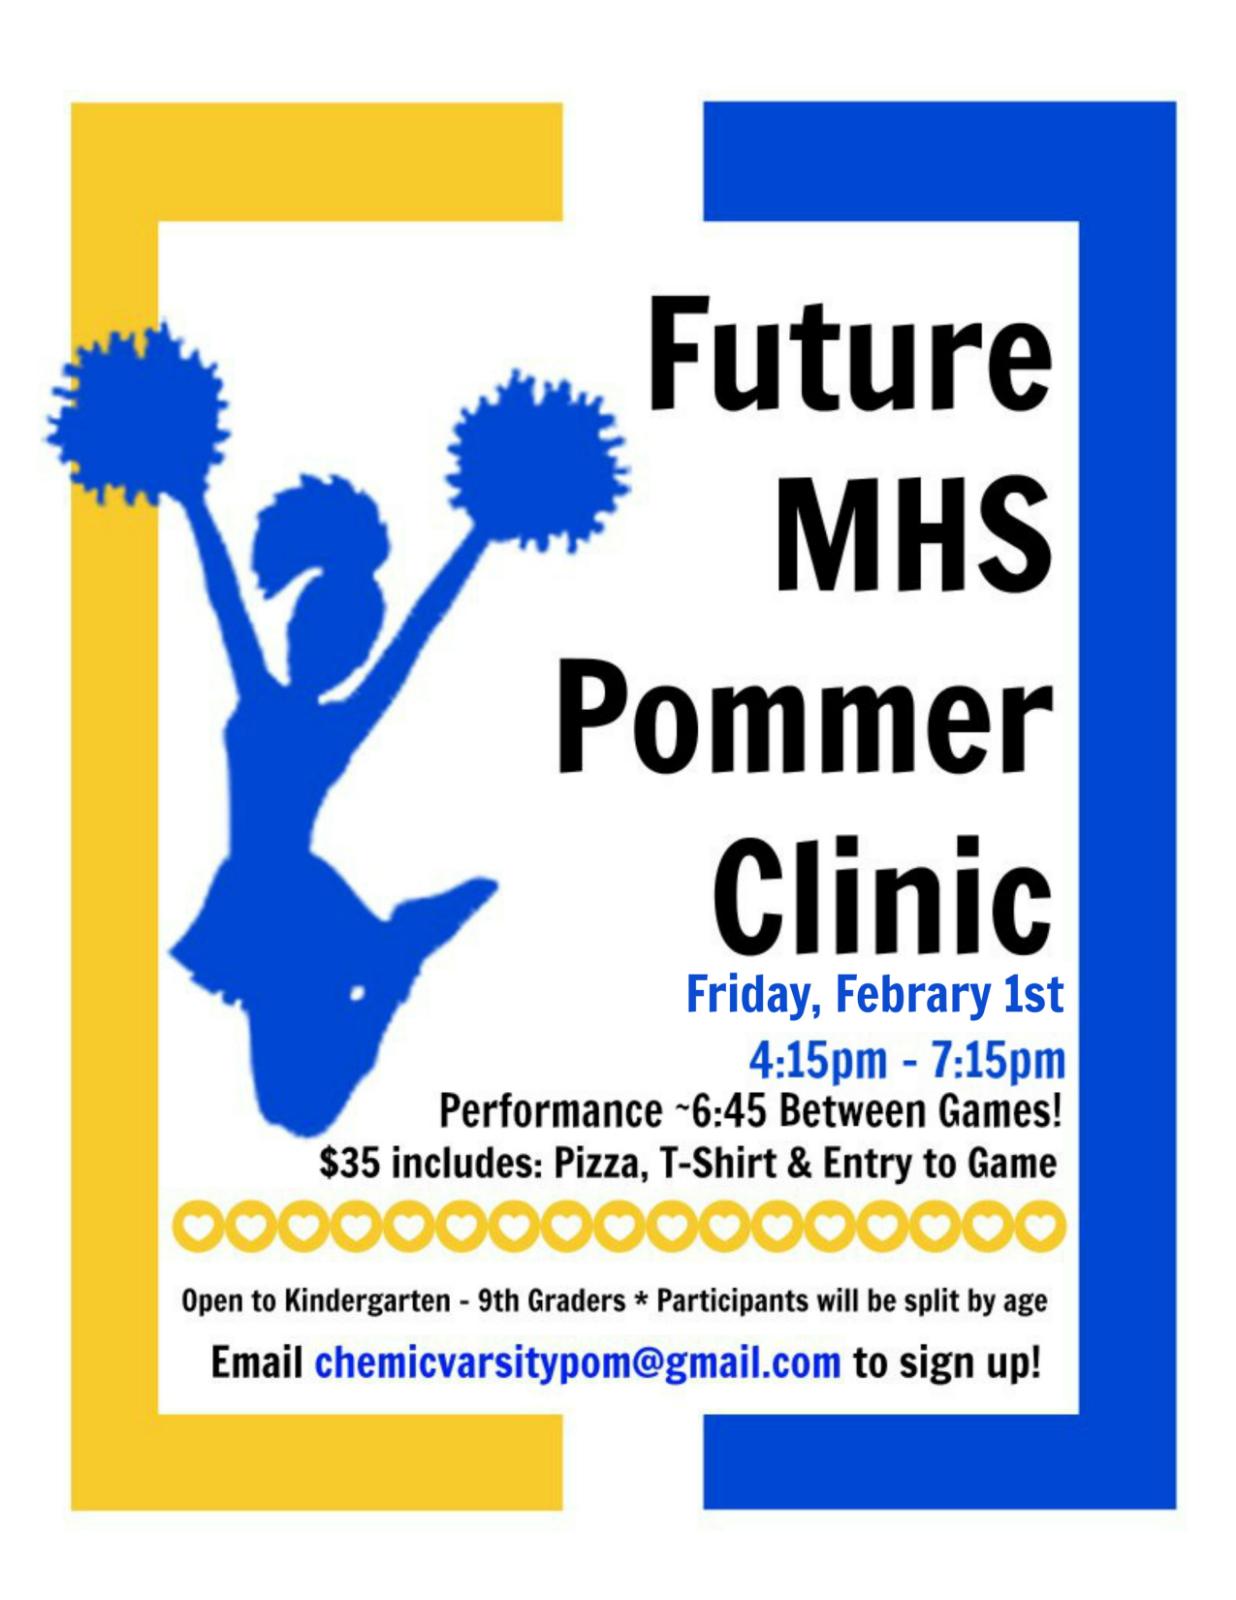 Future Chemic Pommer Clinic = Feb 1st